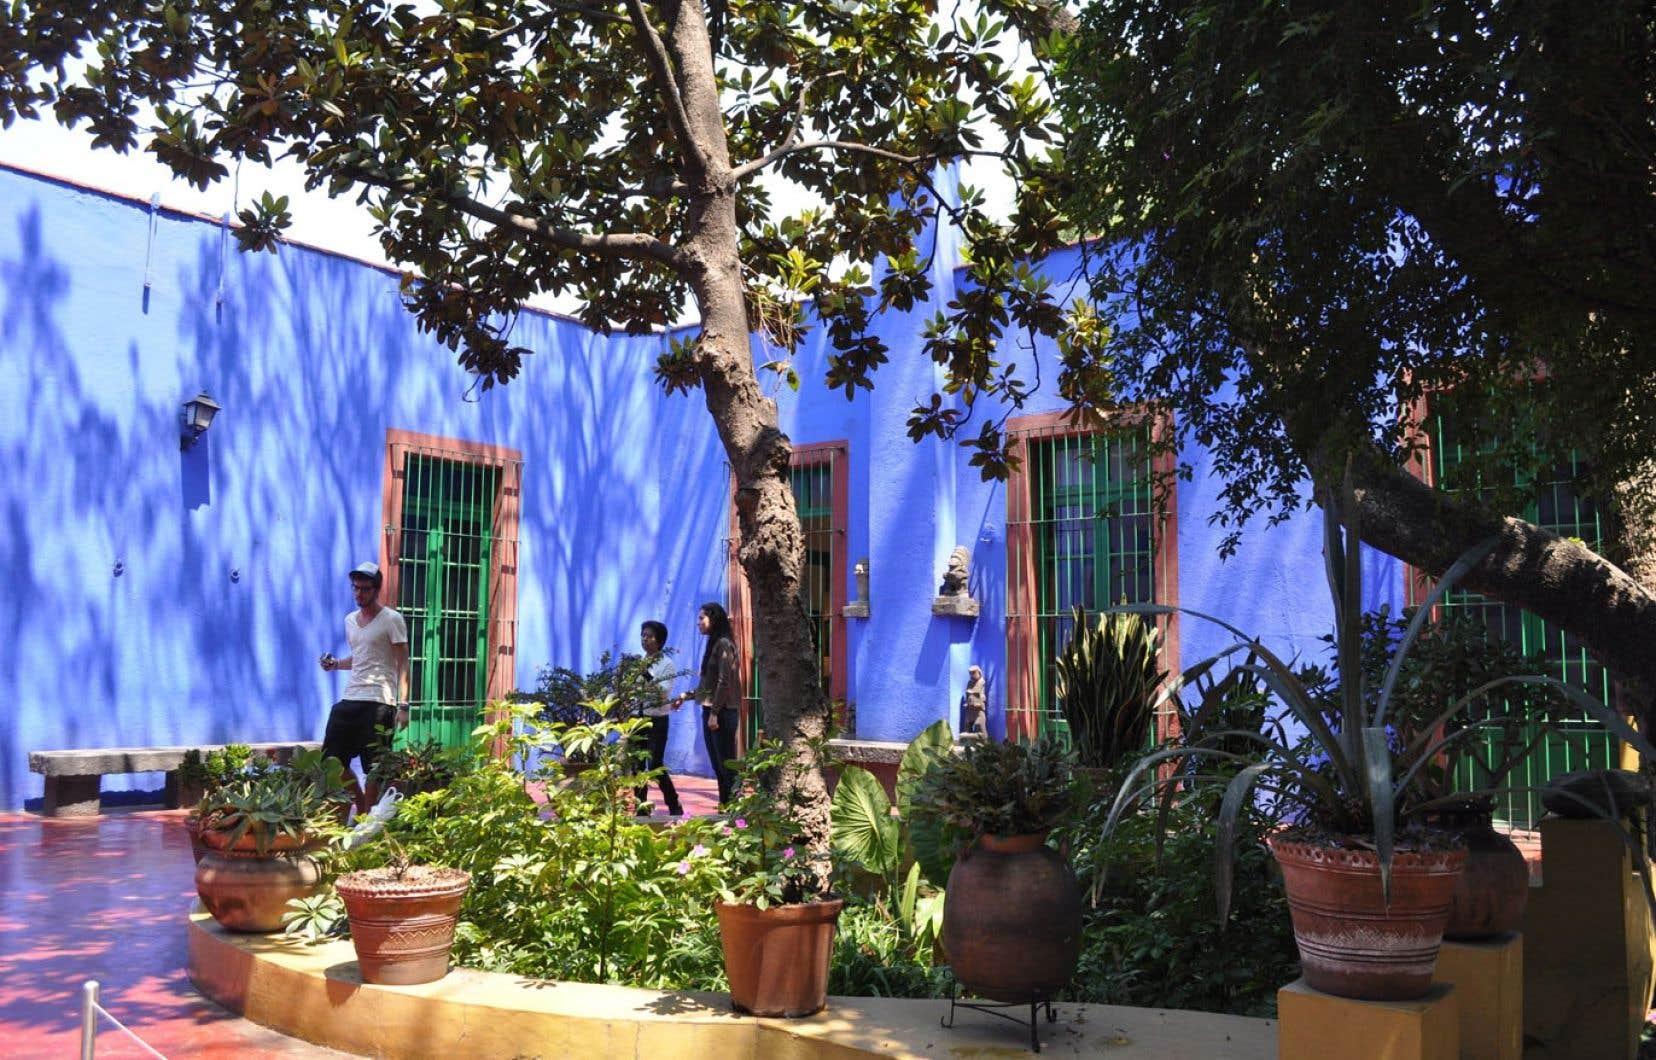 La Casa Azul de la peintre Frida Kahlo, devenue musée dans le charmant quartier de Coyoacán. Toute une époque a eu cours ici: outre Diego Rivera, son mari, les murs ont vu passer nombre d'artistes et de politiciens, dont le révolutionnaire russe Léon Trotski, en asile politique au Mexique de 1937 à 1939 et avec qui Frida aura une aventure.